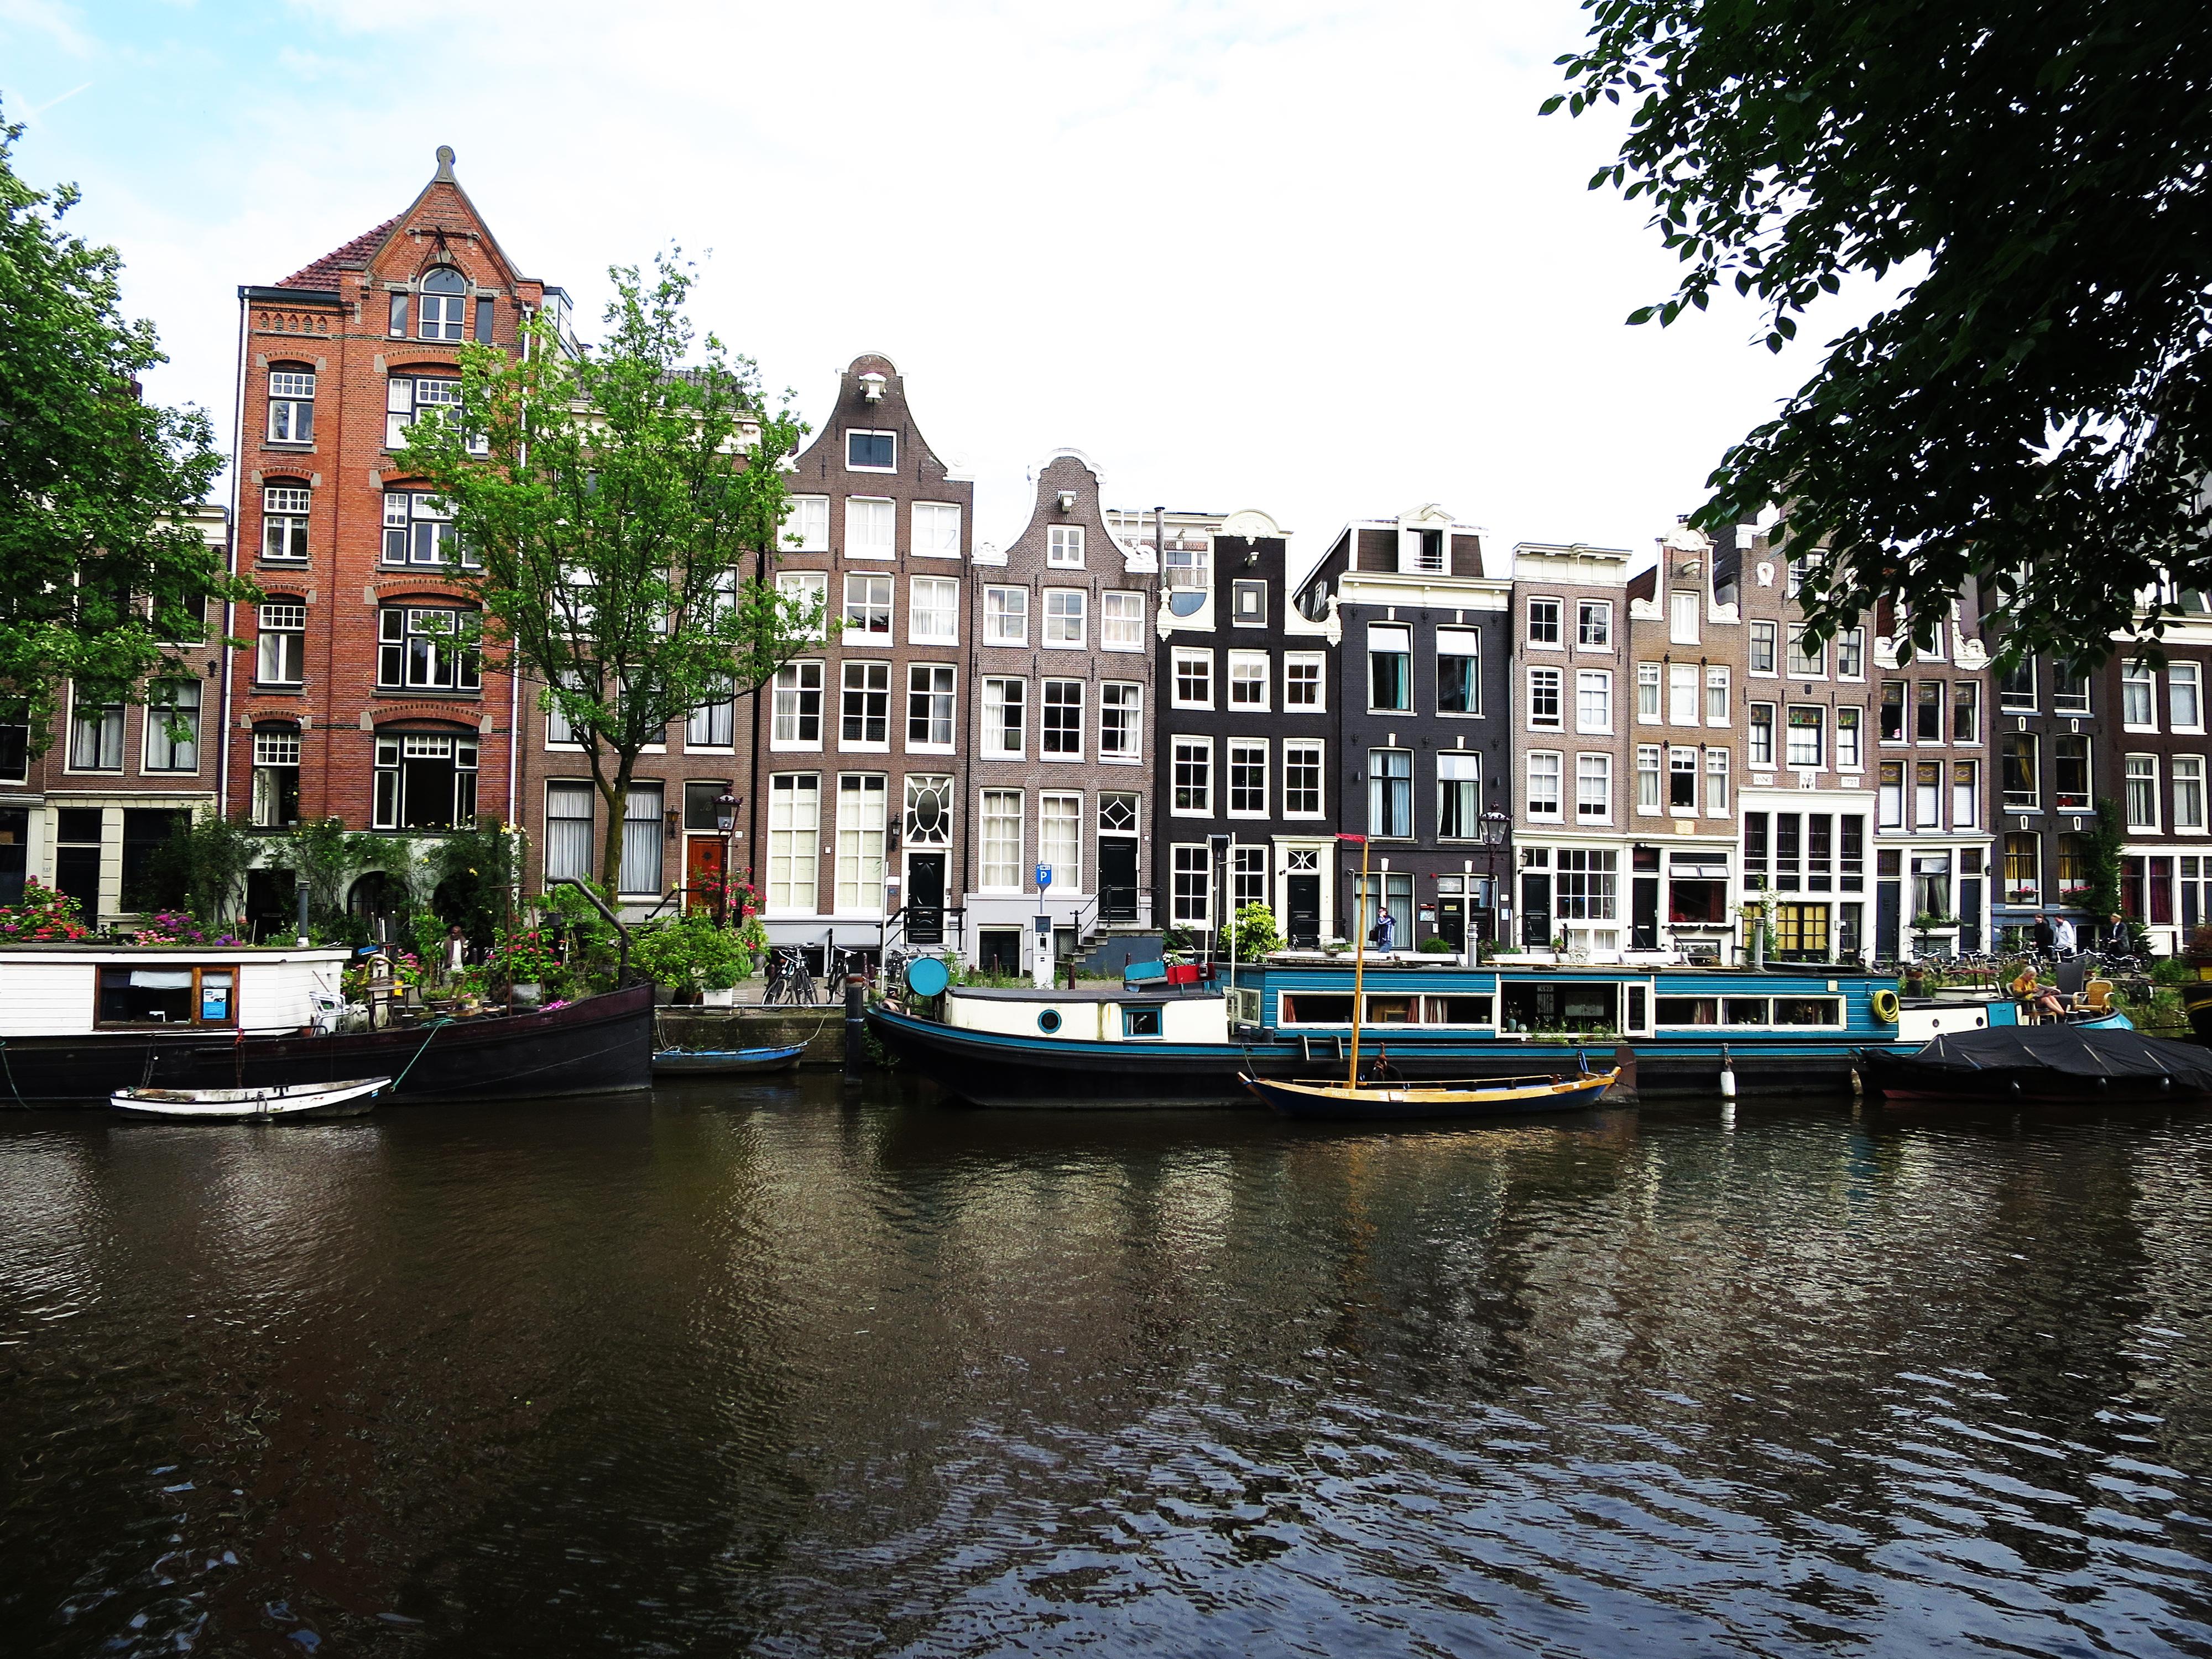 Lovely Amsterdam.